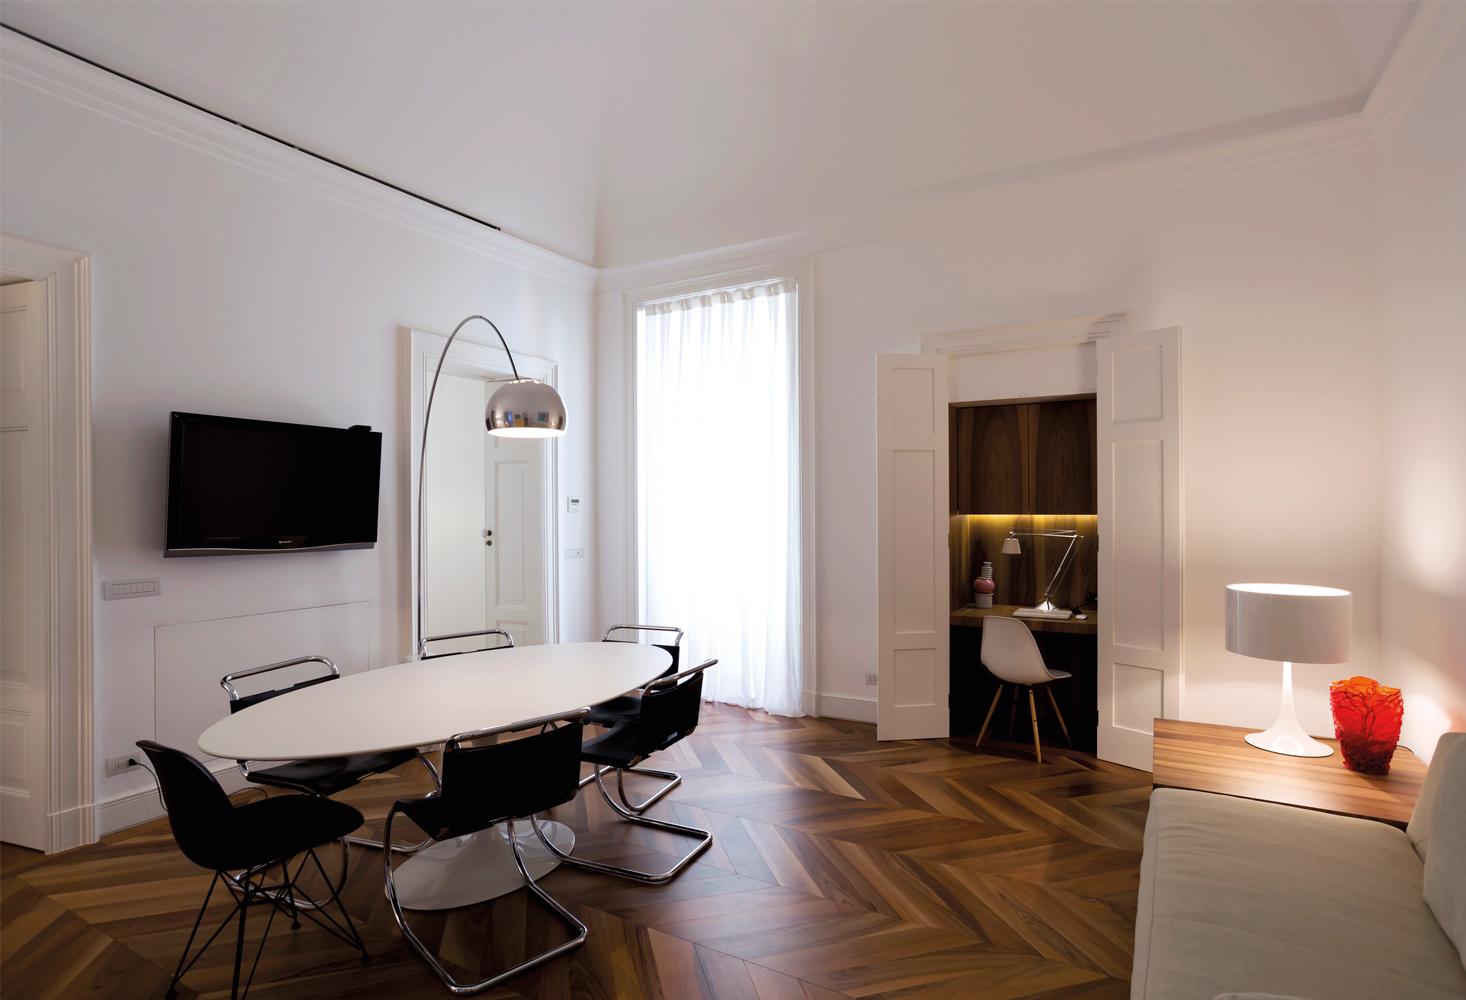 Residenza-privata-Rimini-Italia-Progetto-Archinow02-6.jpg